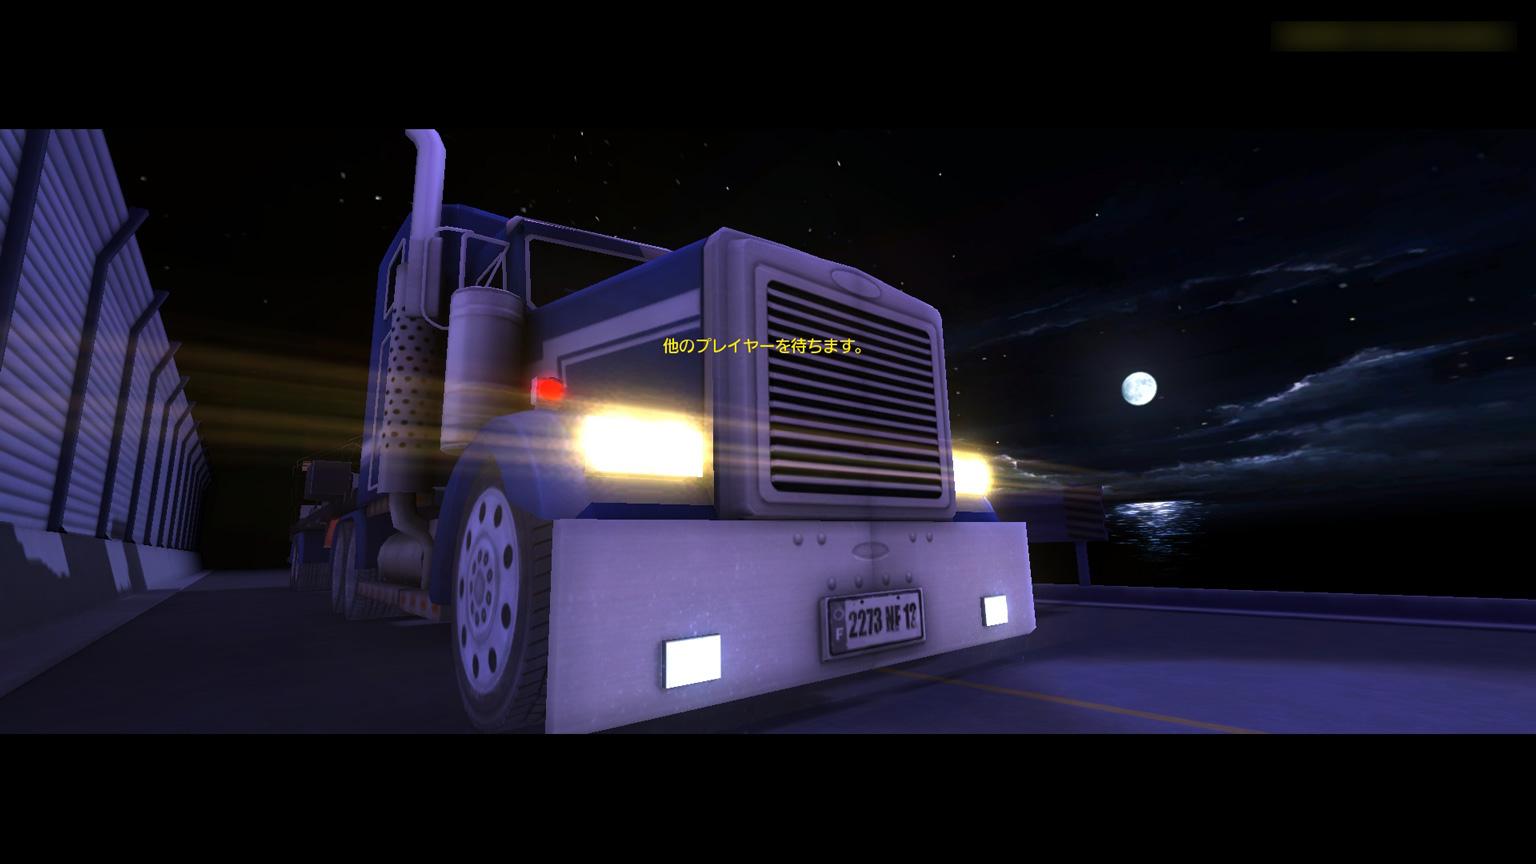 深夜の湾岸通りを走るトラックが舞台のマップ。室外は全体的に暗い戦場となるようだ